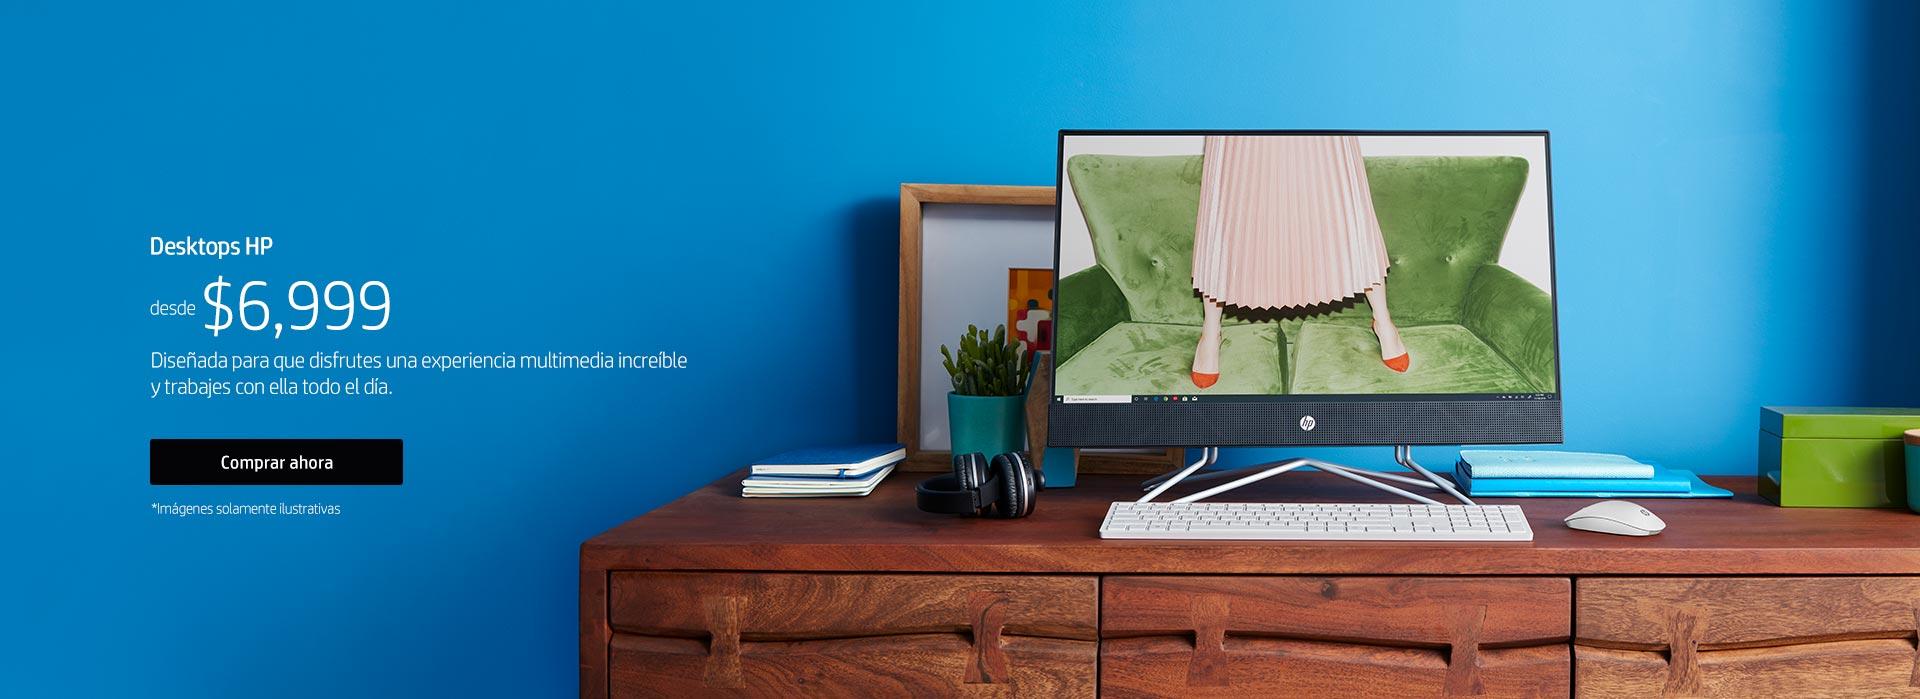 Desktop HP | Diseñado para que disfrutes una experiencia multimedia increíble y trabajes con ella todo el día